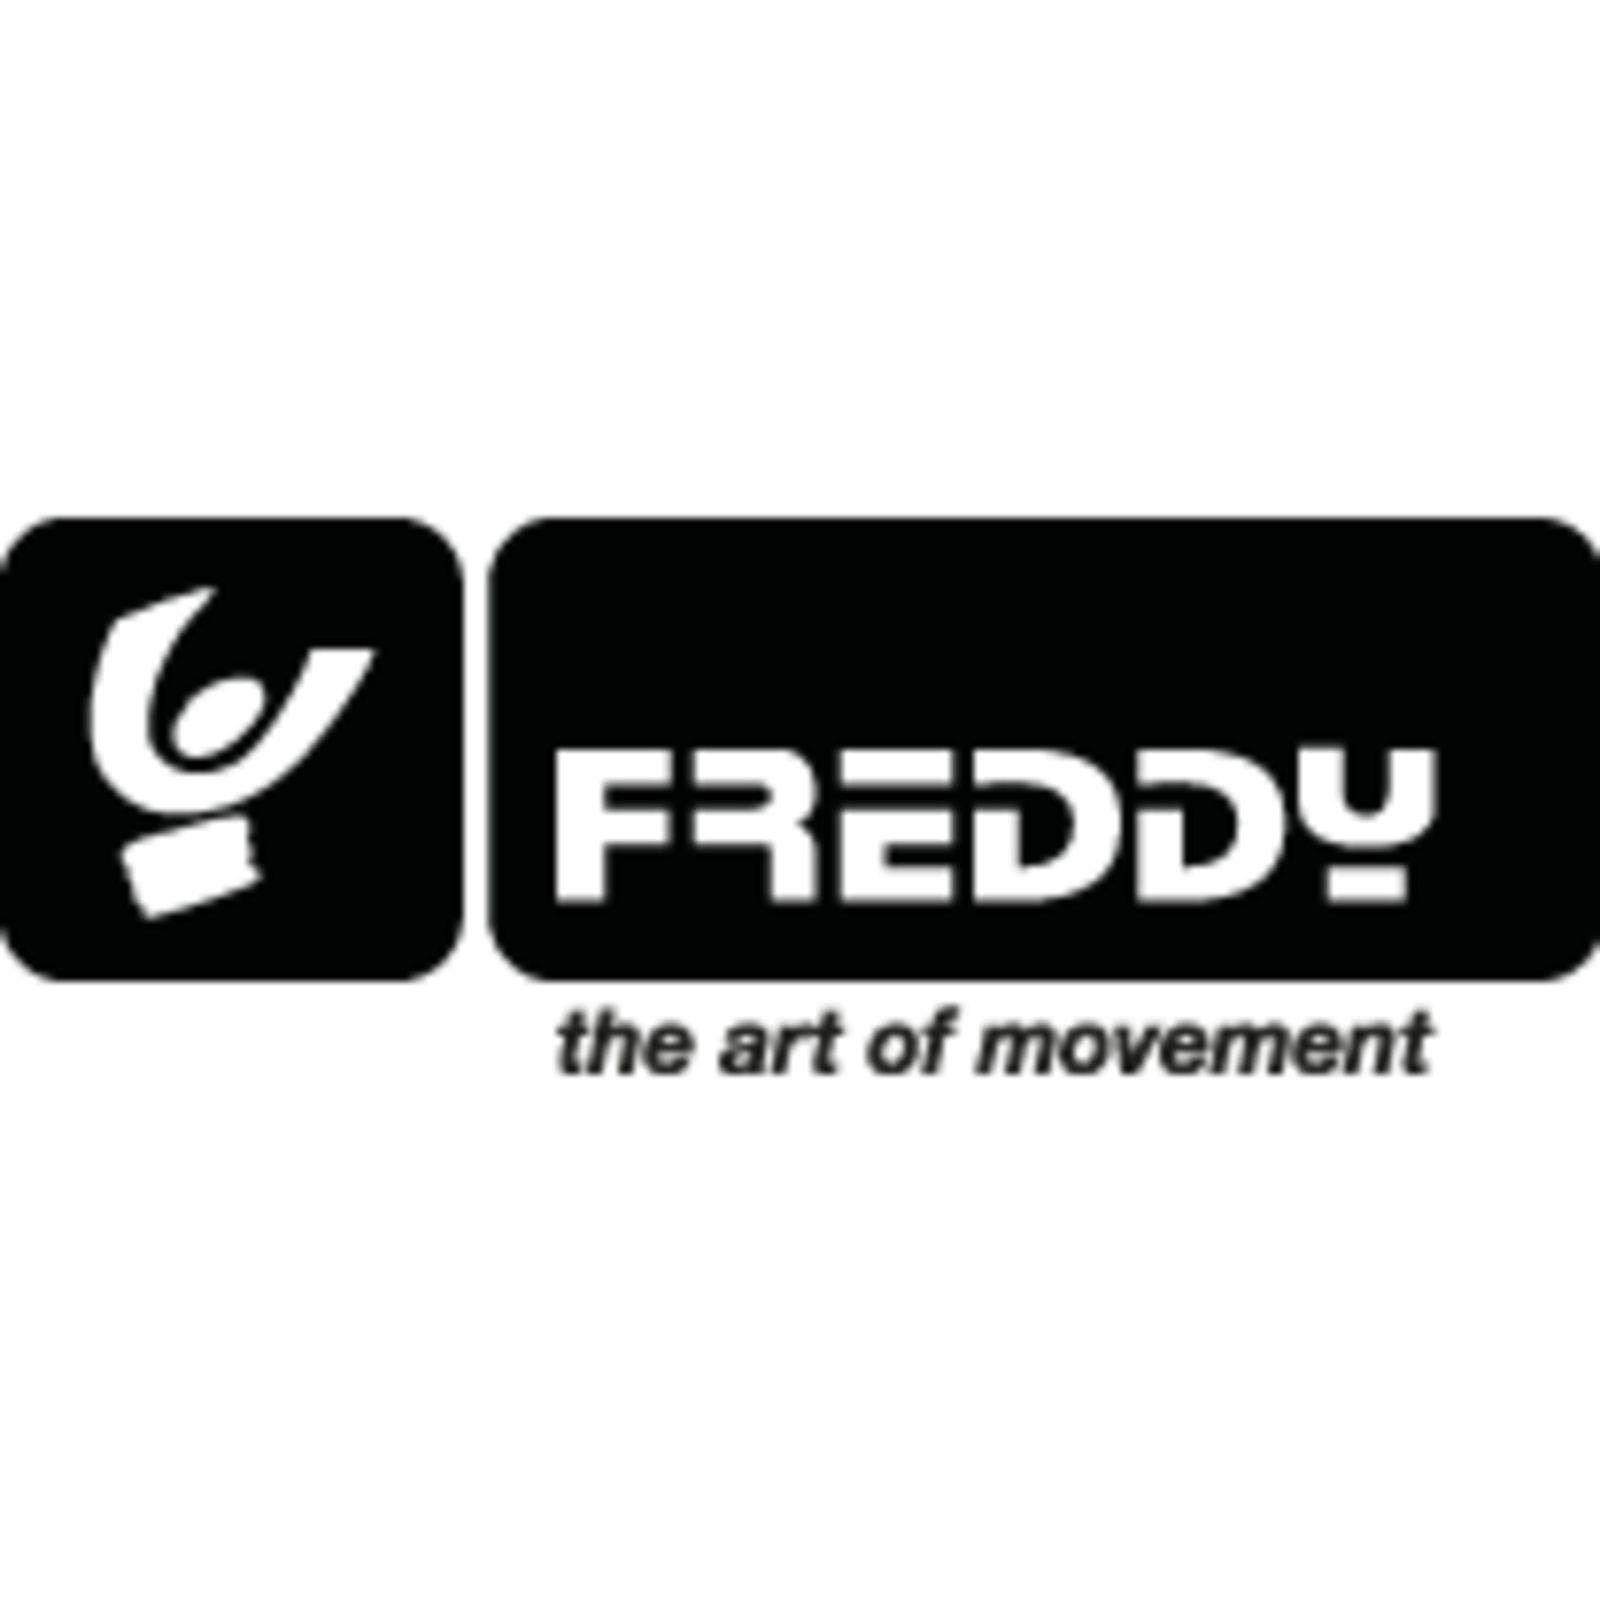 FREDDY (Image 1)